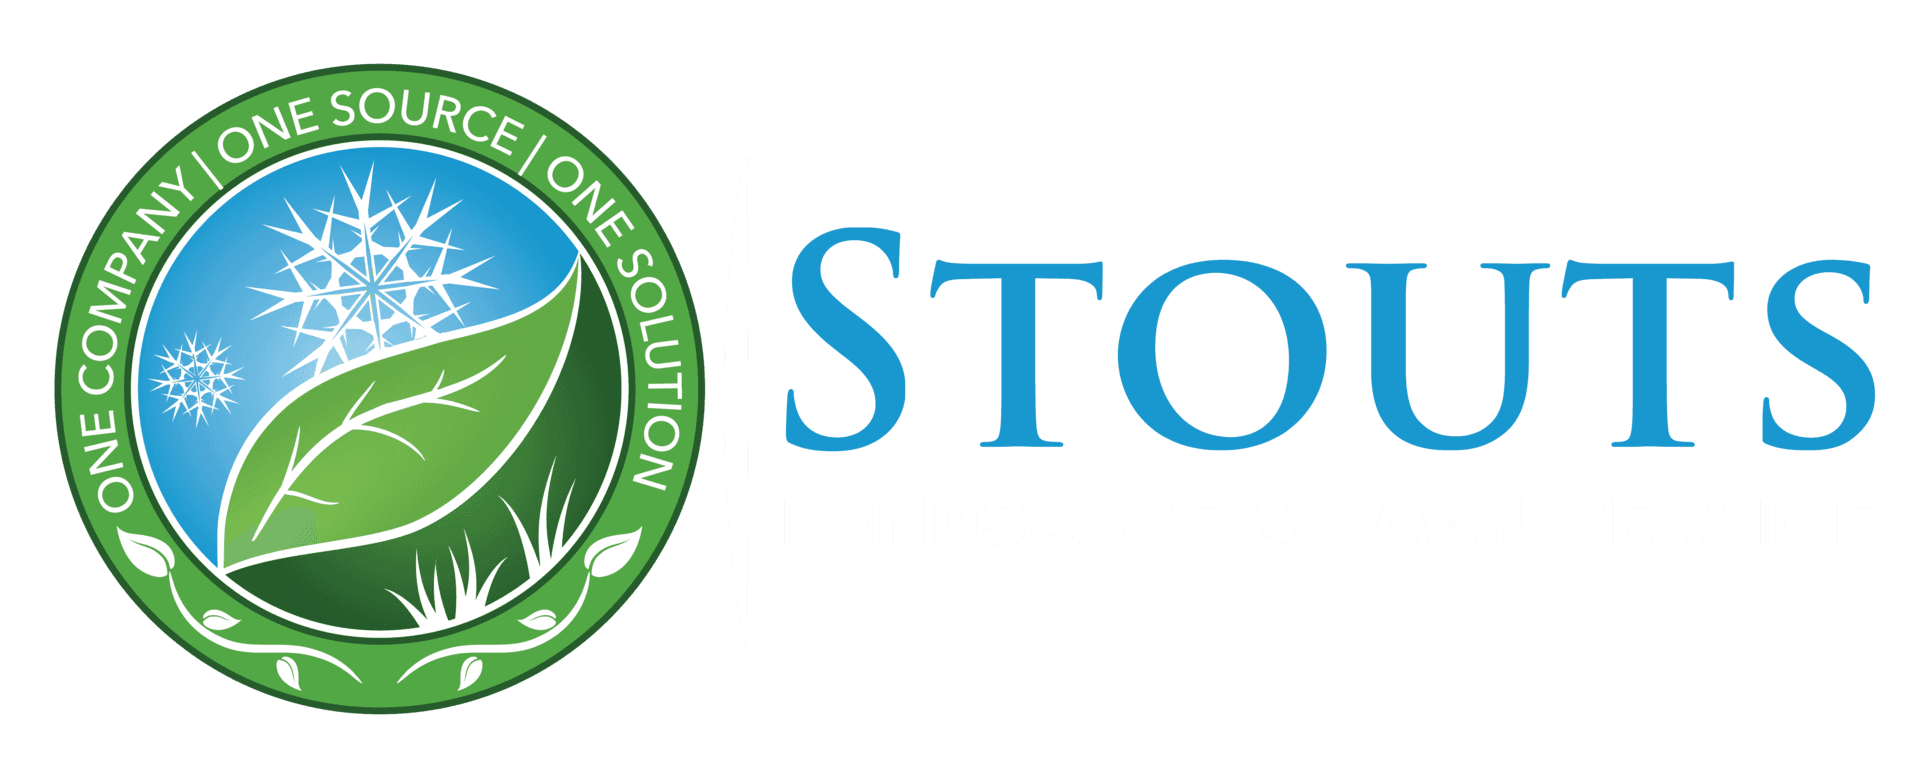 Stouts Landscape & Lawn Service, Lawn Care, Landscape